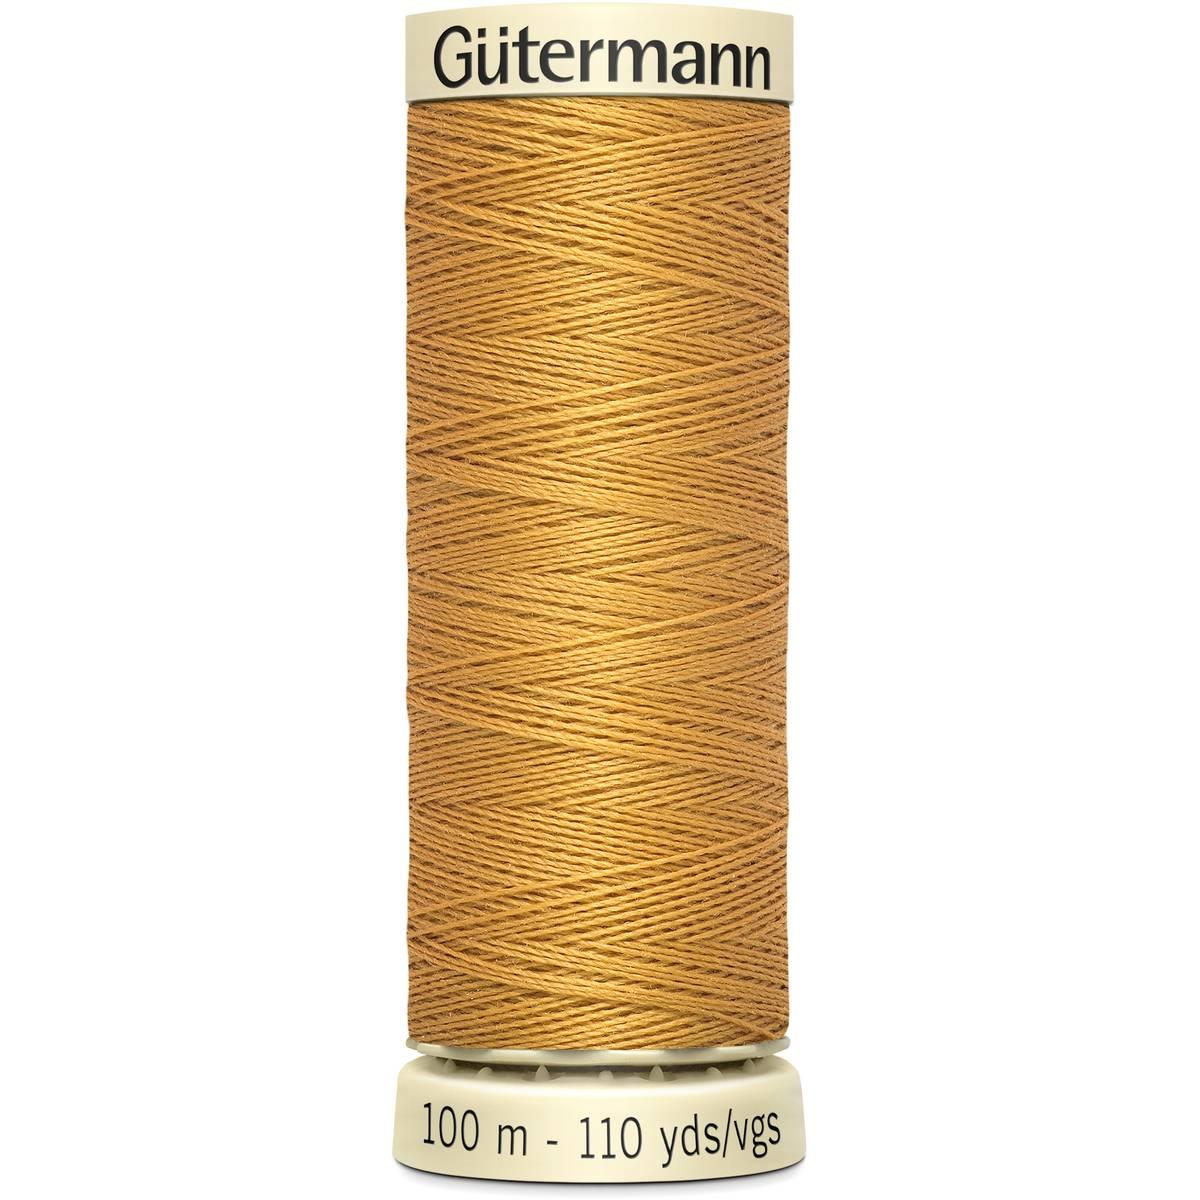 חוט תפירה גוטרמן - Yellow 968